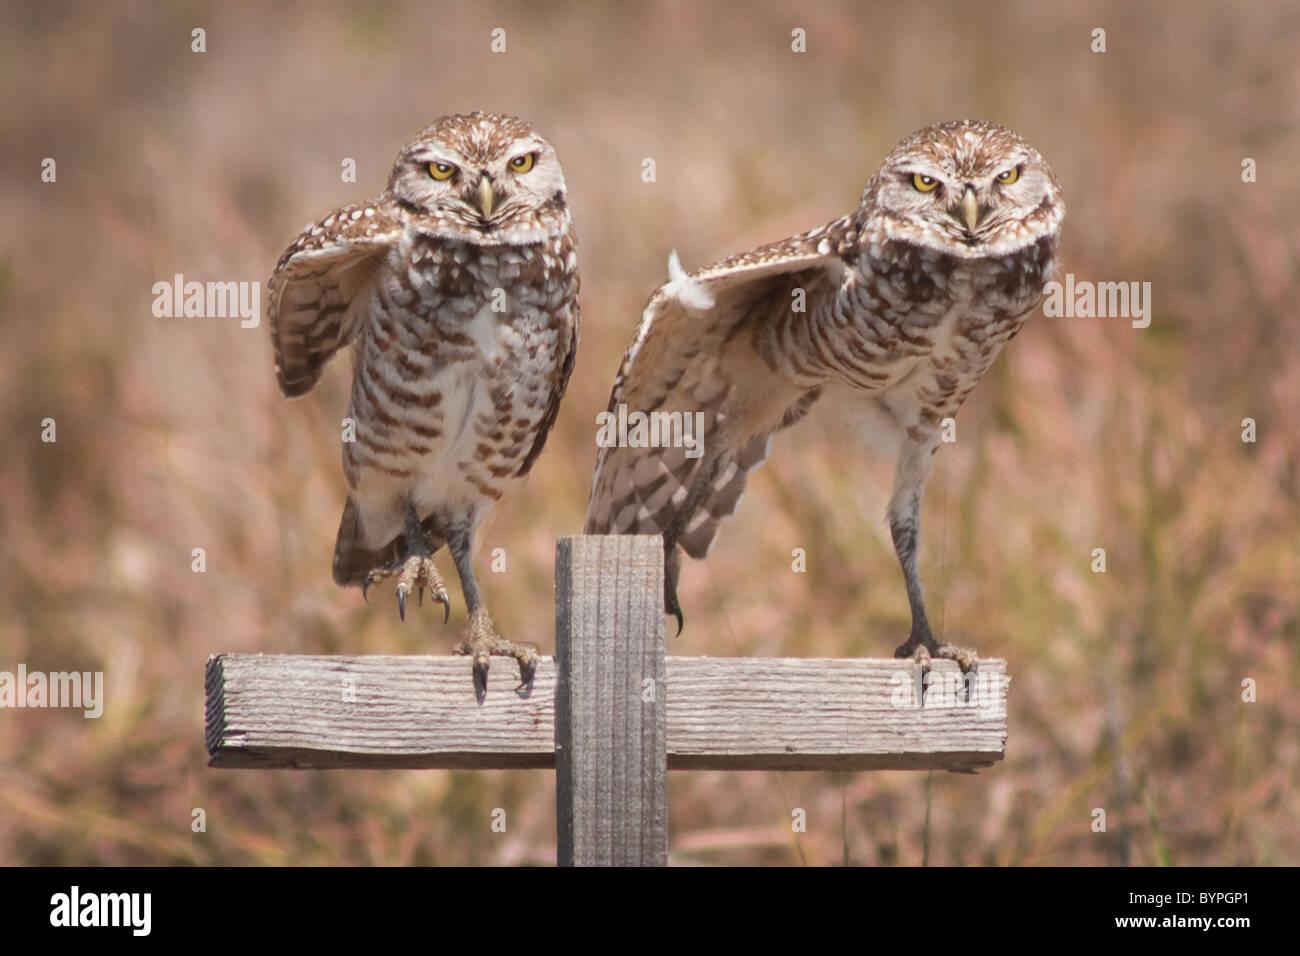 """""""Put Your rechten Fuß heraus"""" - Diese Burrowing Owls in Cape Coral Florida zu Ruki Zuki tun scheinen. Stockbild"""